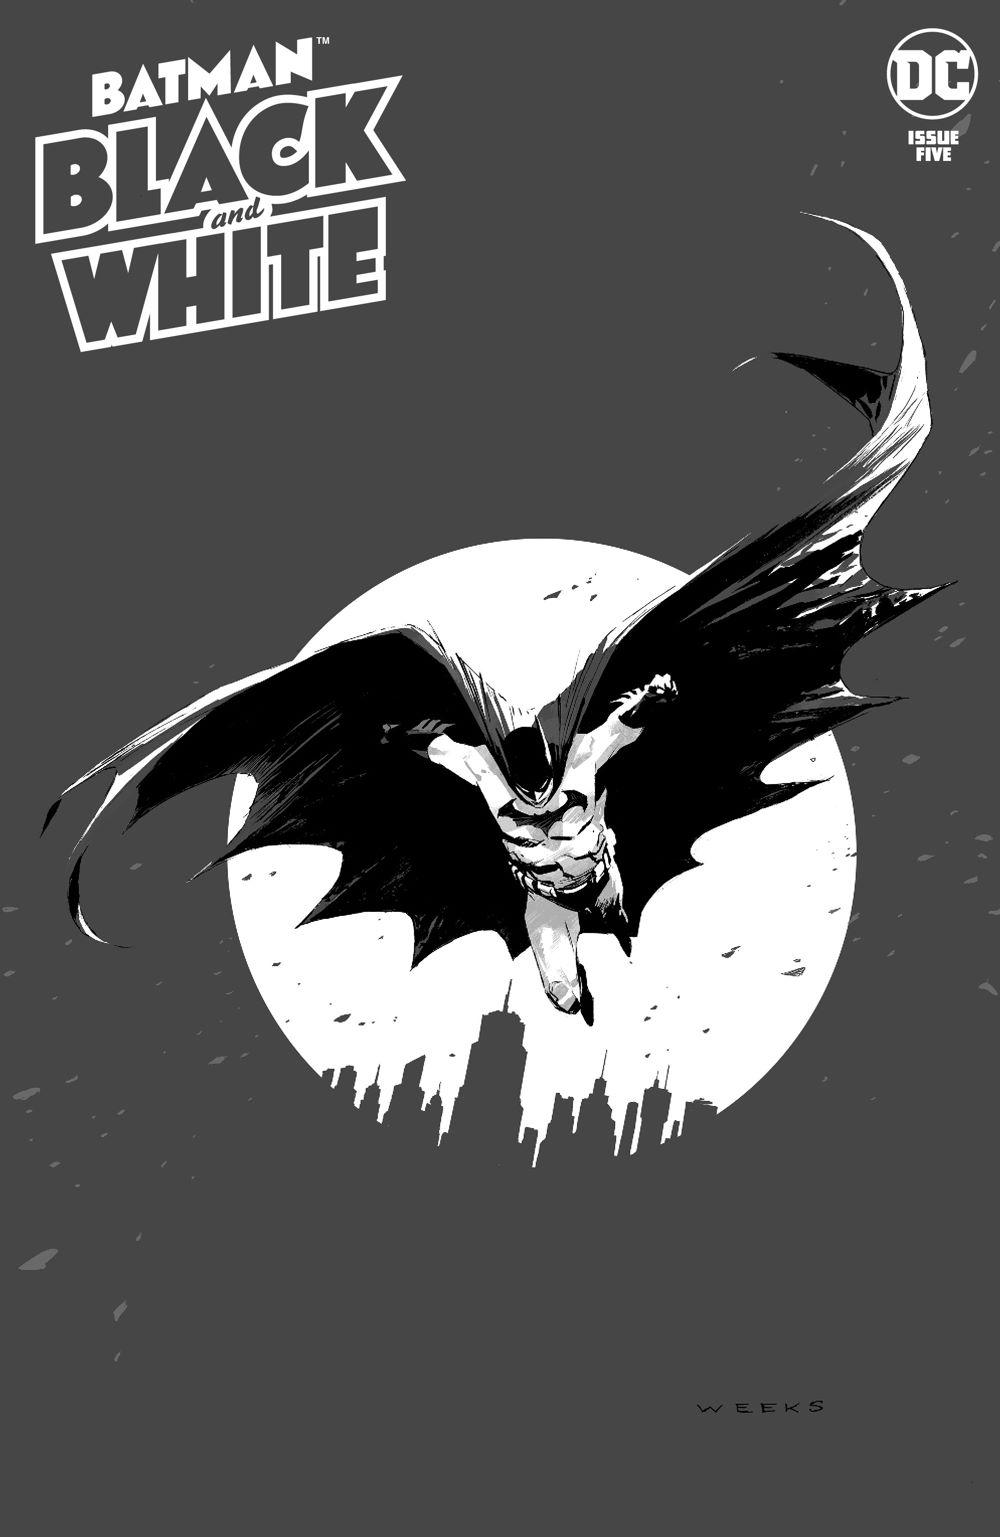 BM_BandW_Cv5 DC Comics April 2021 Solicitations